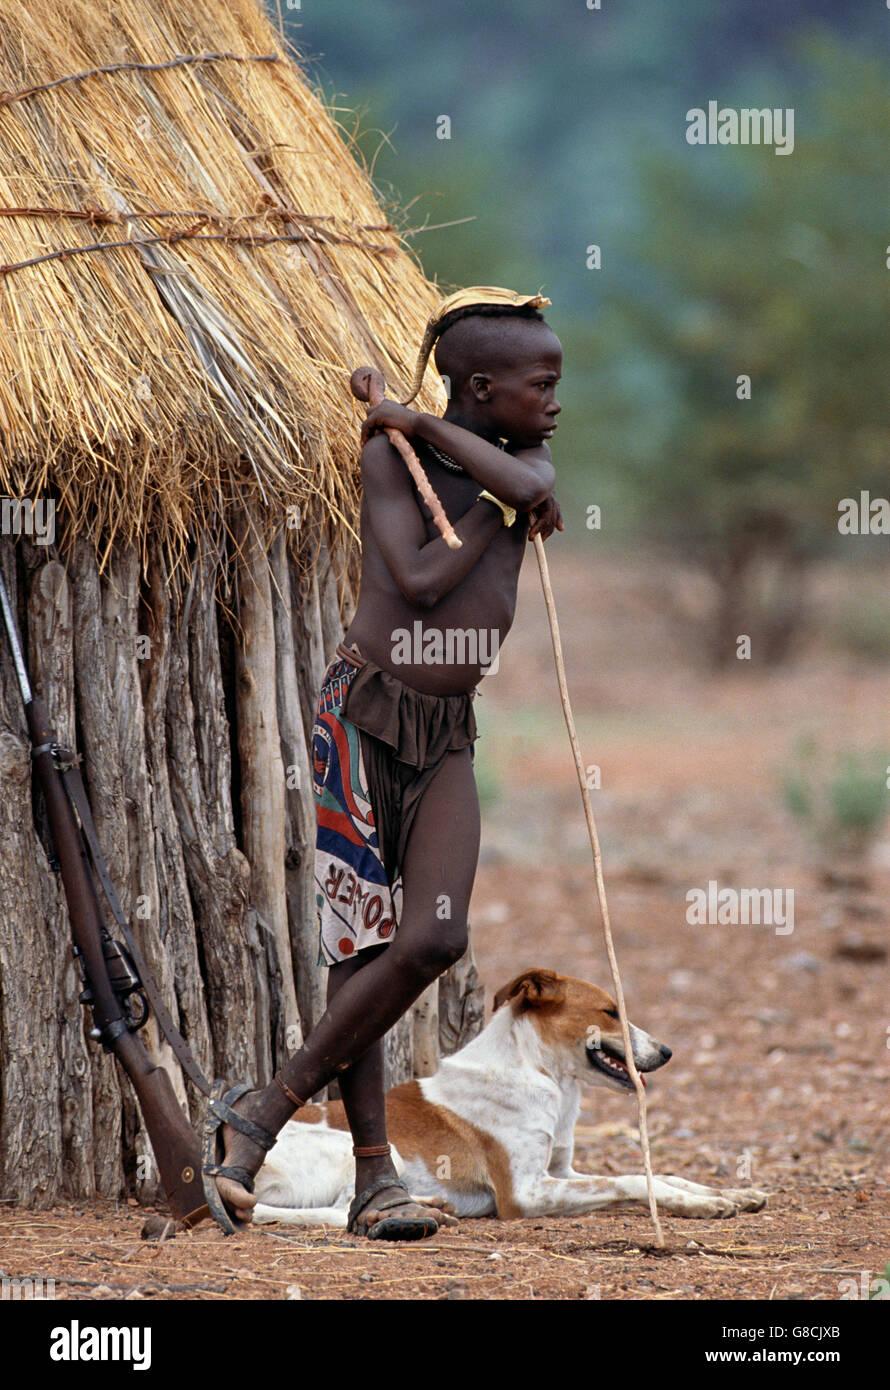 Little Himba boy, Namibia. - Stock Image